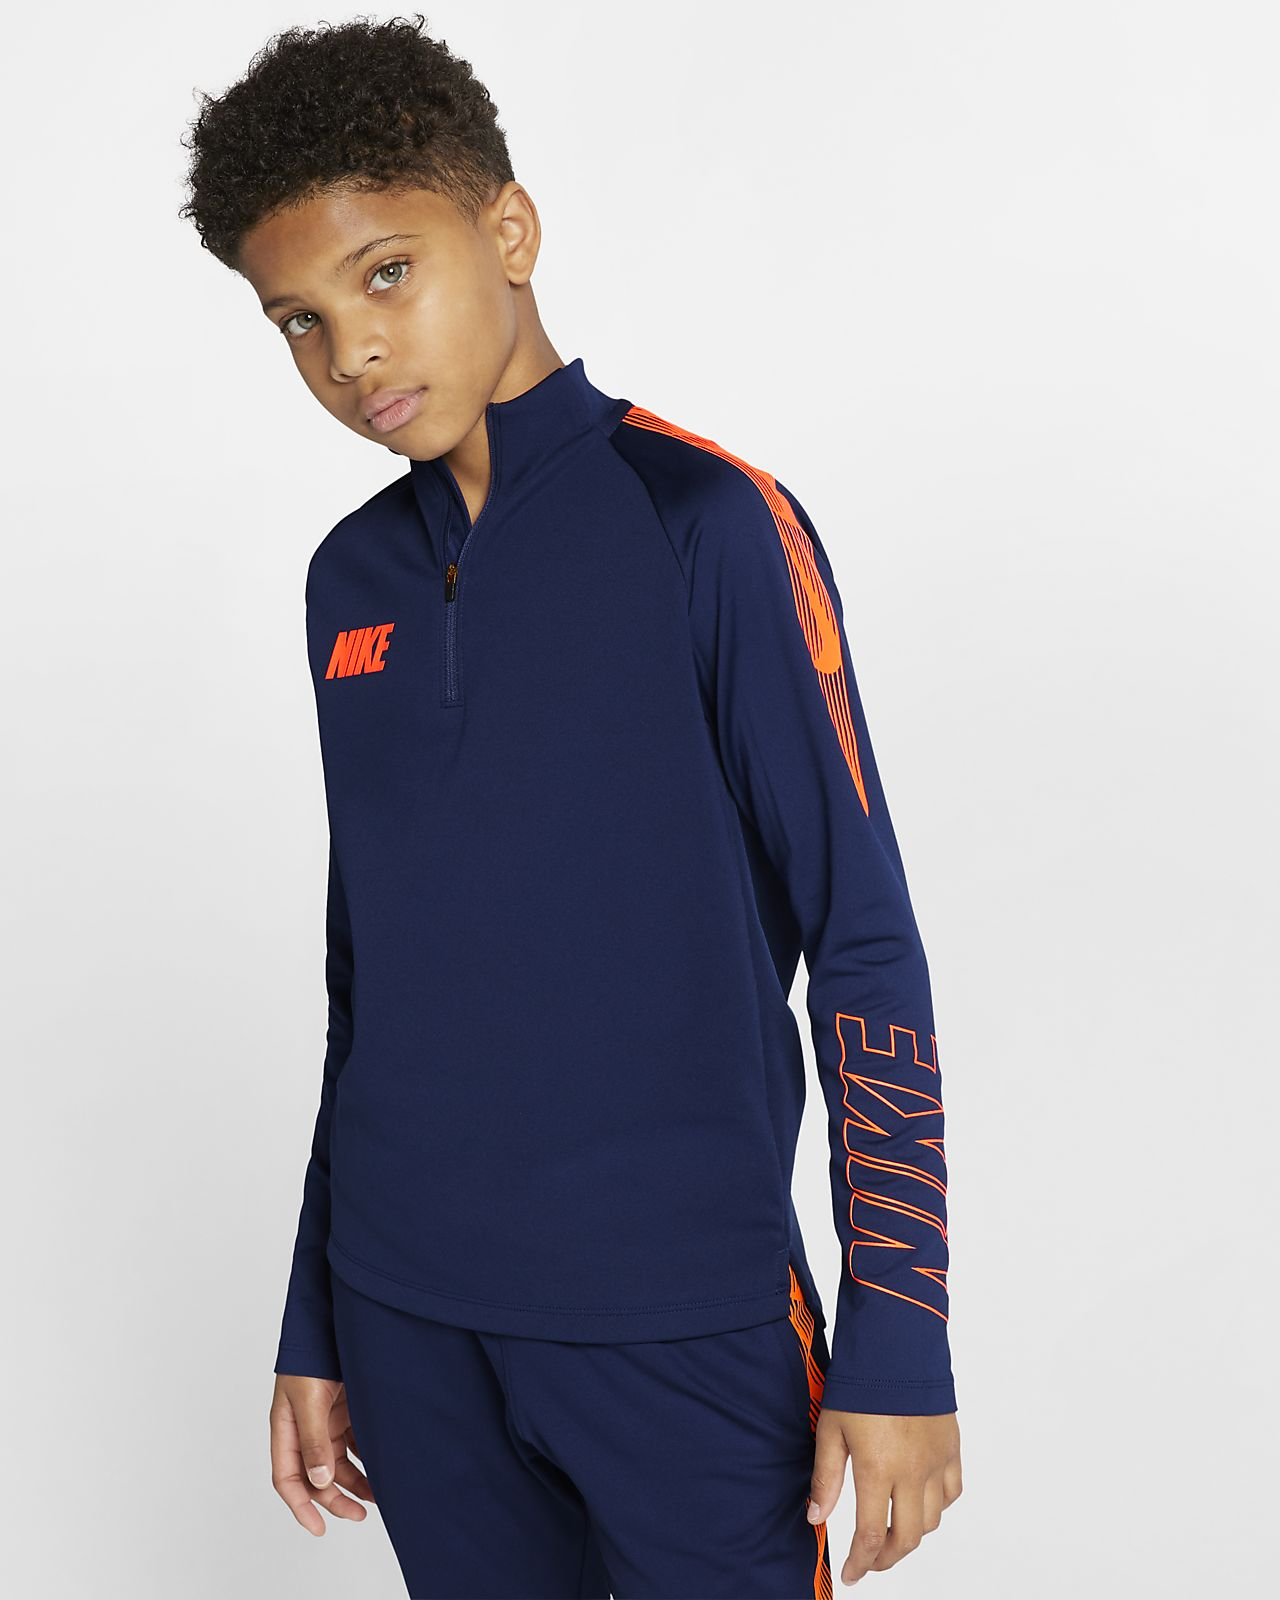 Ποδοσφαιρική μπλούζα προπόνησης Nike Dri-FIT Squad για μεγάλα παιδιά